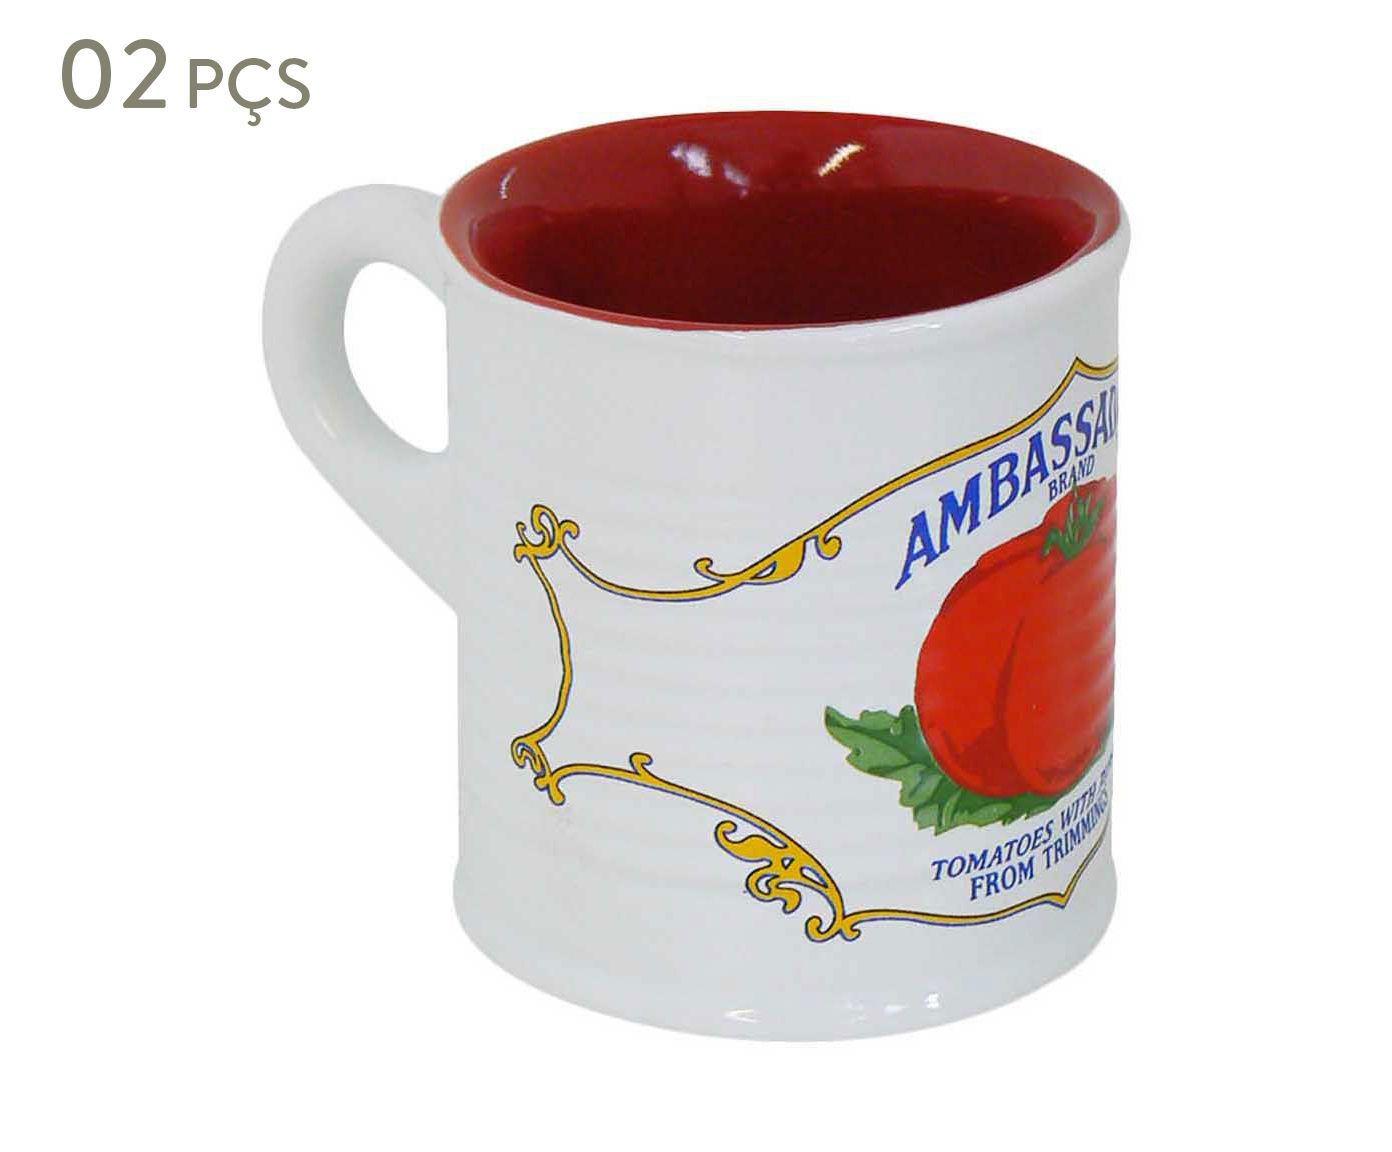 Conjunto de Xícaras para café ambassador - 70 ml | Westwing.com.br